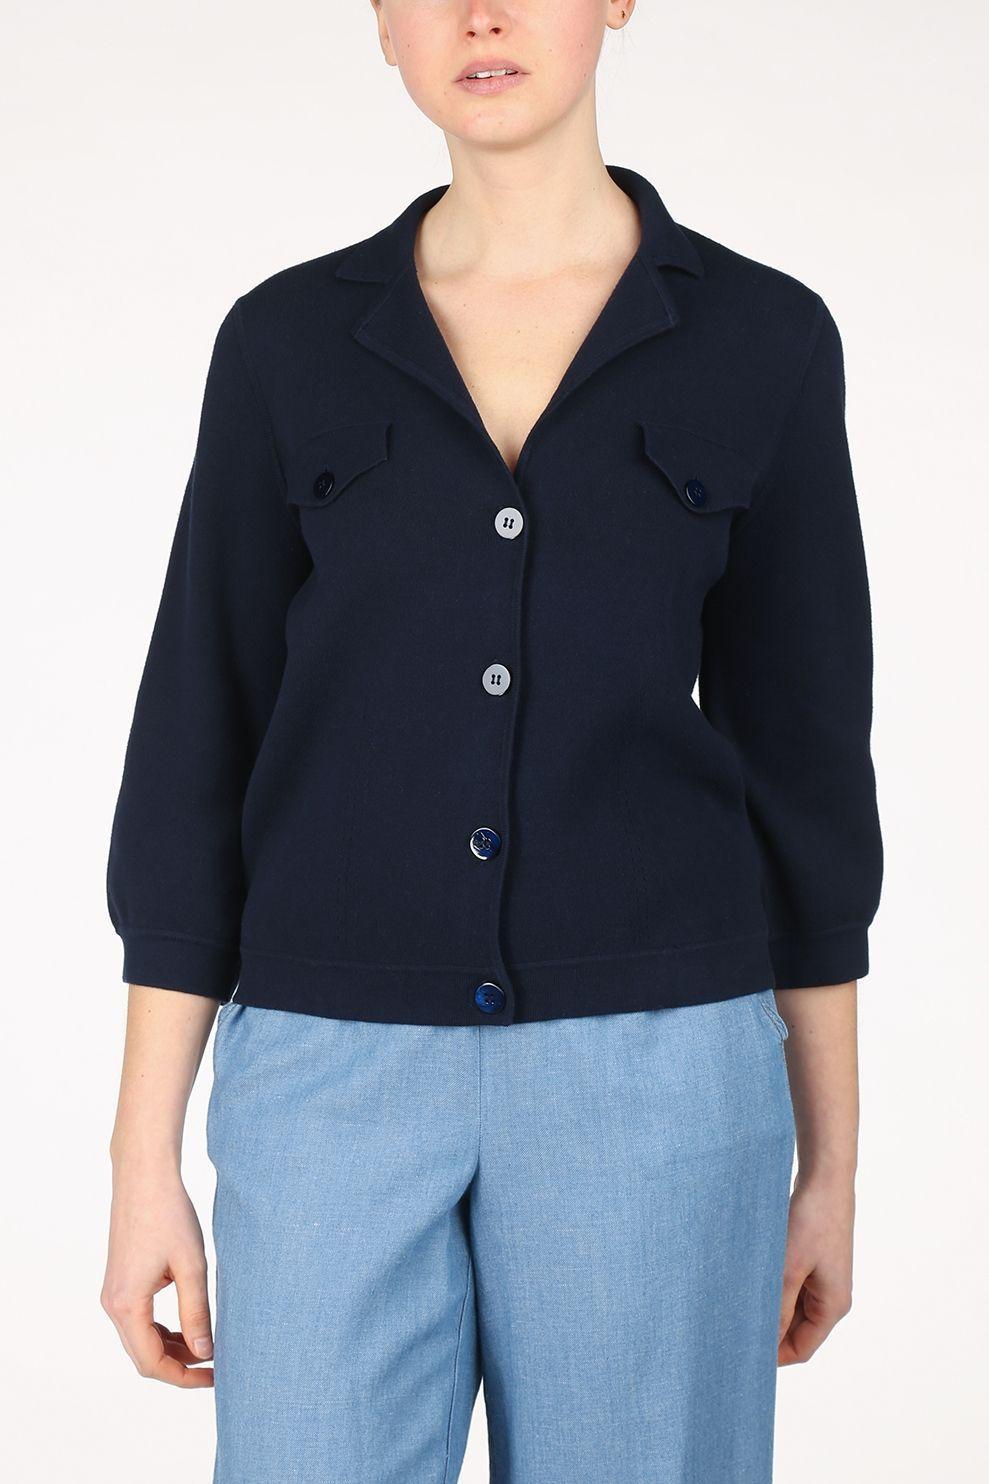 Terre Bleue Cardigan Anouk voor dames - Blauw - Maten: 36, 38, 40, 42, 44